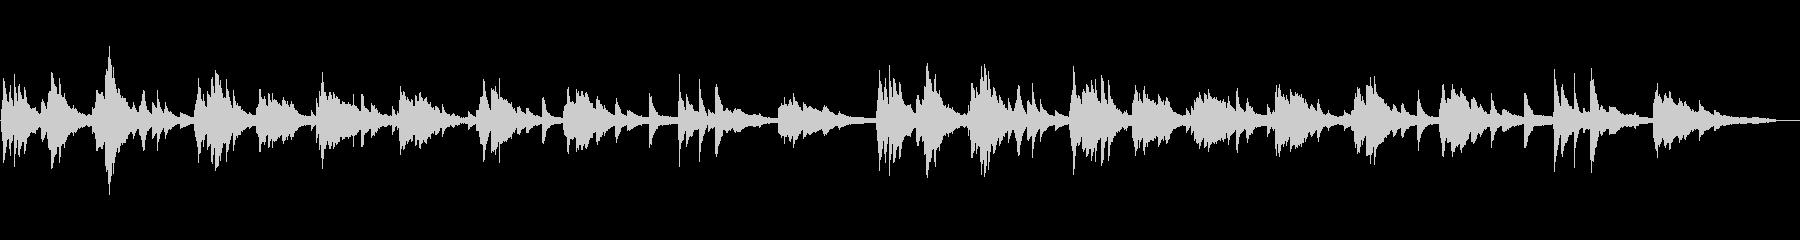 しっとりピアノソロ、風景(自然、夜景)の未再生の波形